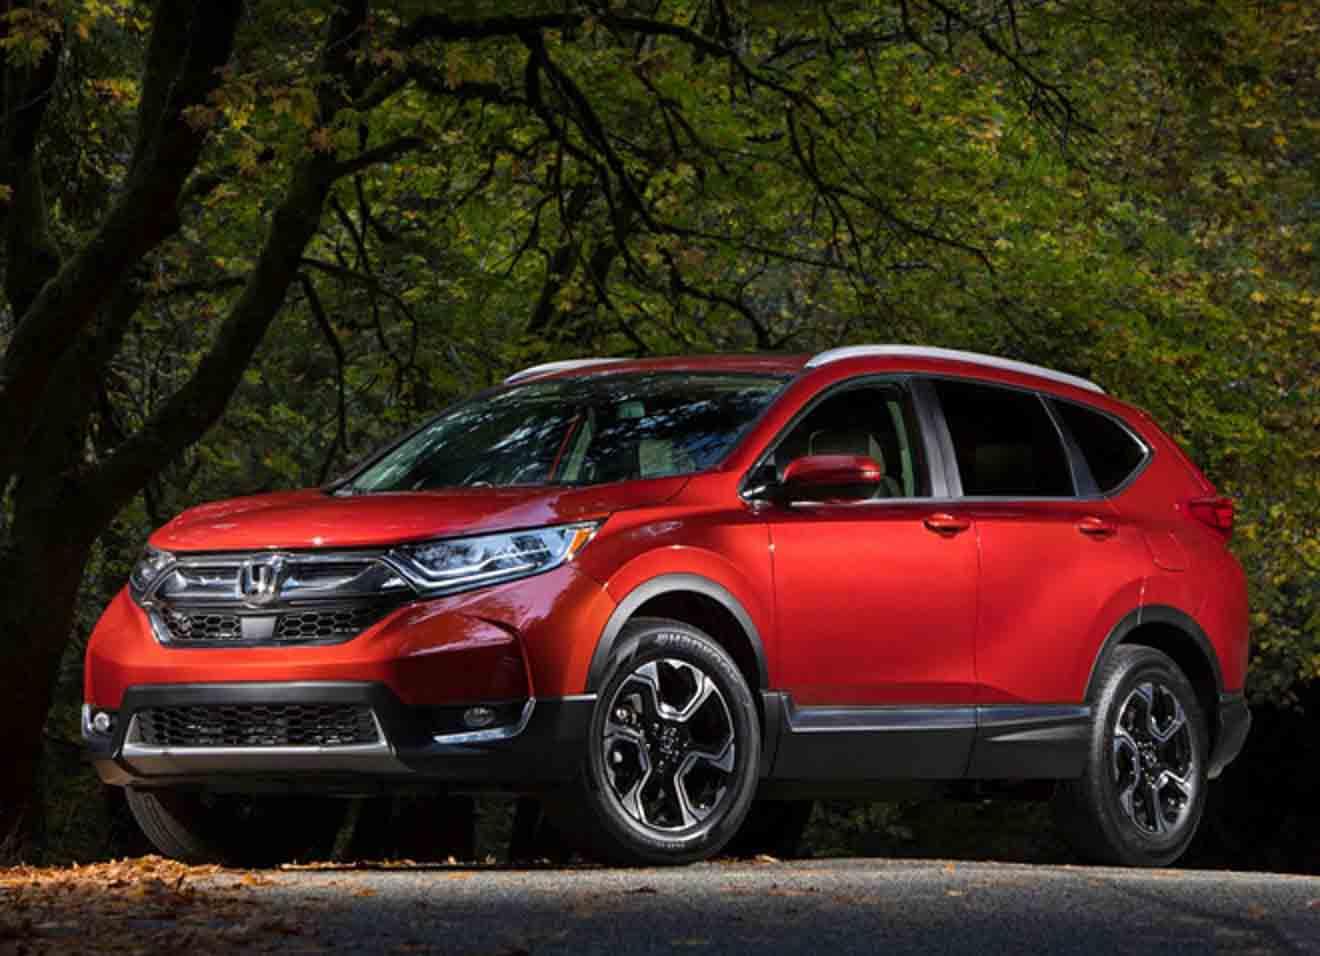 Honda CR-V 1.5 Turbo vướng nghi vấn lỗi động cơ tại Mỹ - 6